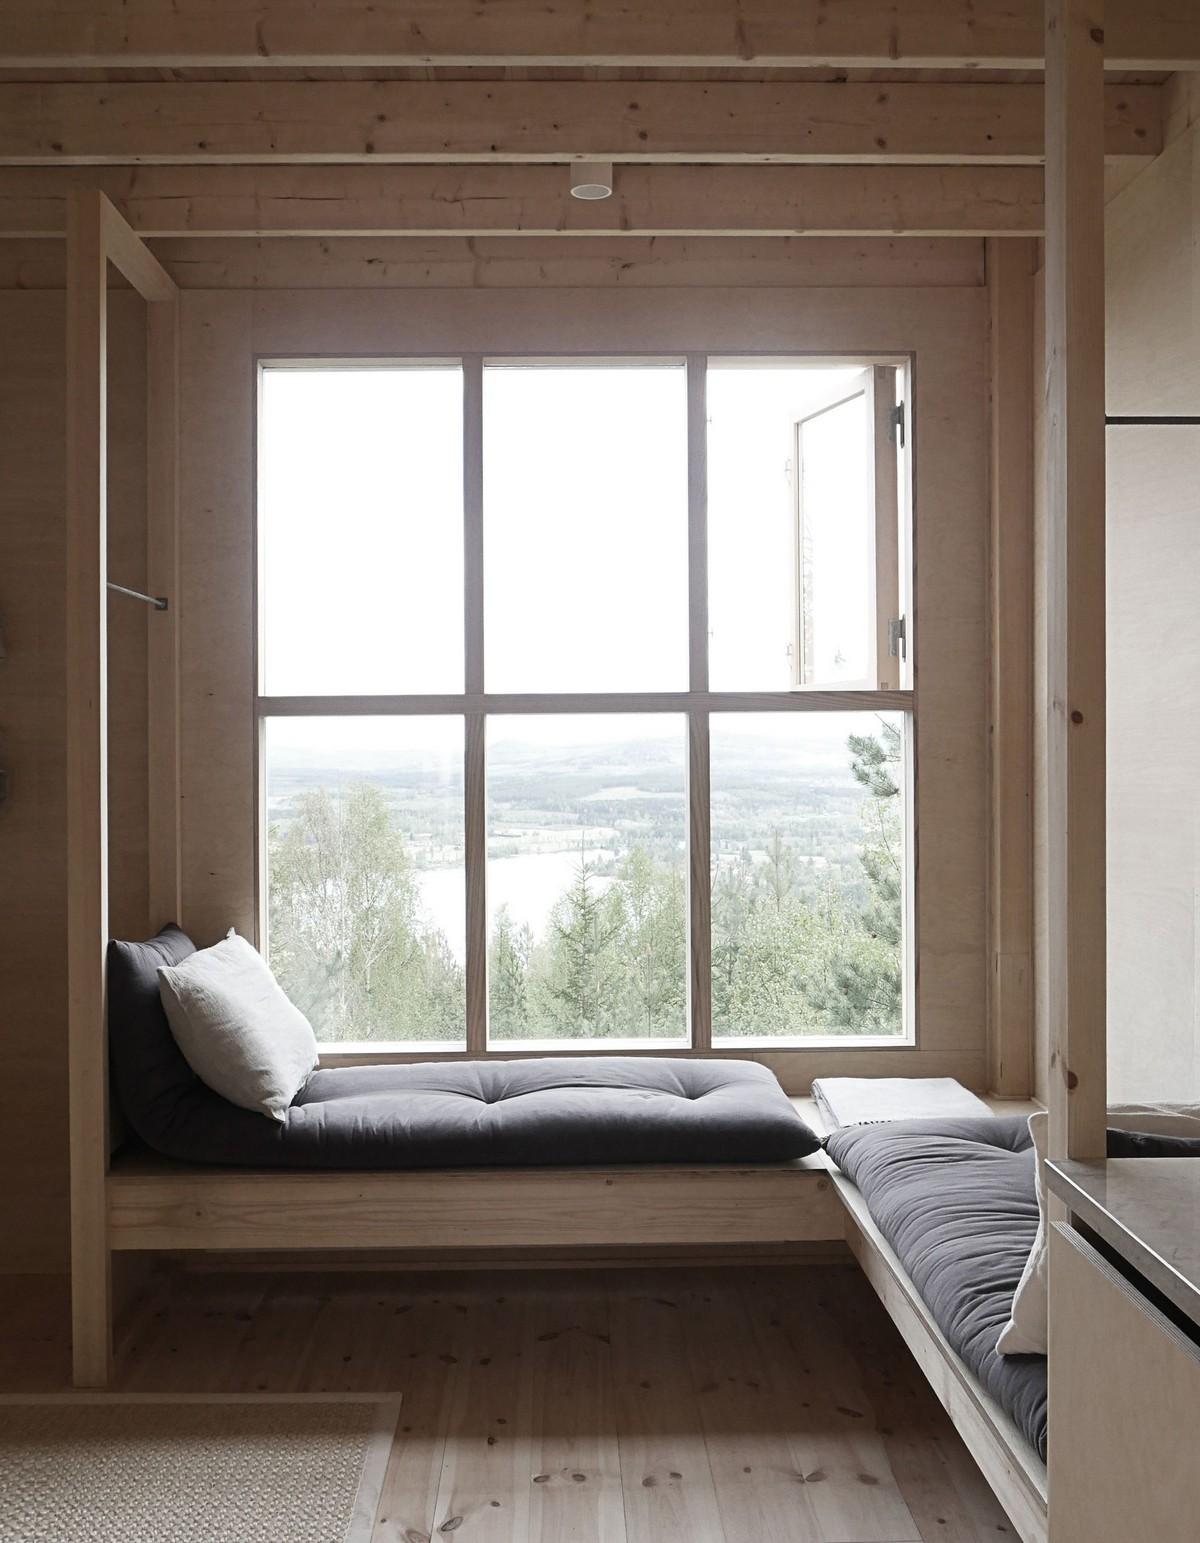 Дом-чердак для отдыха в лесу Швеции